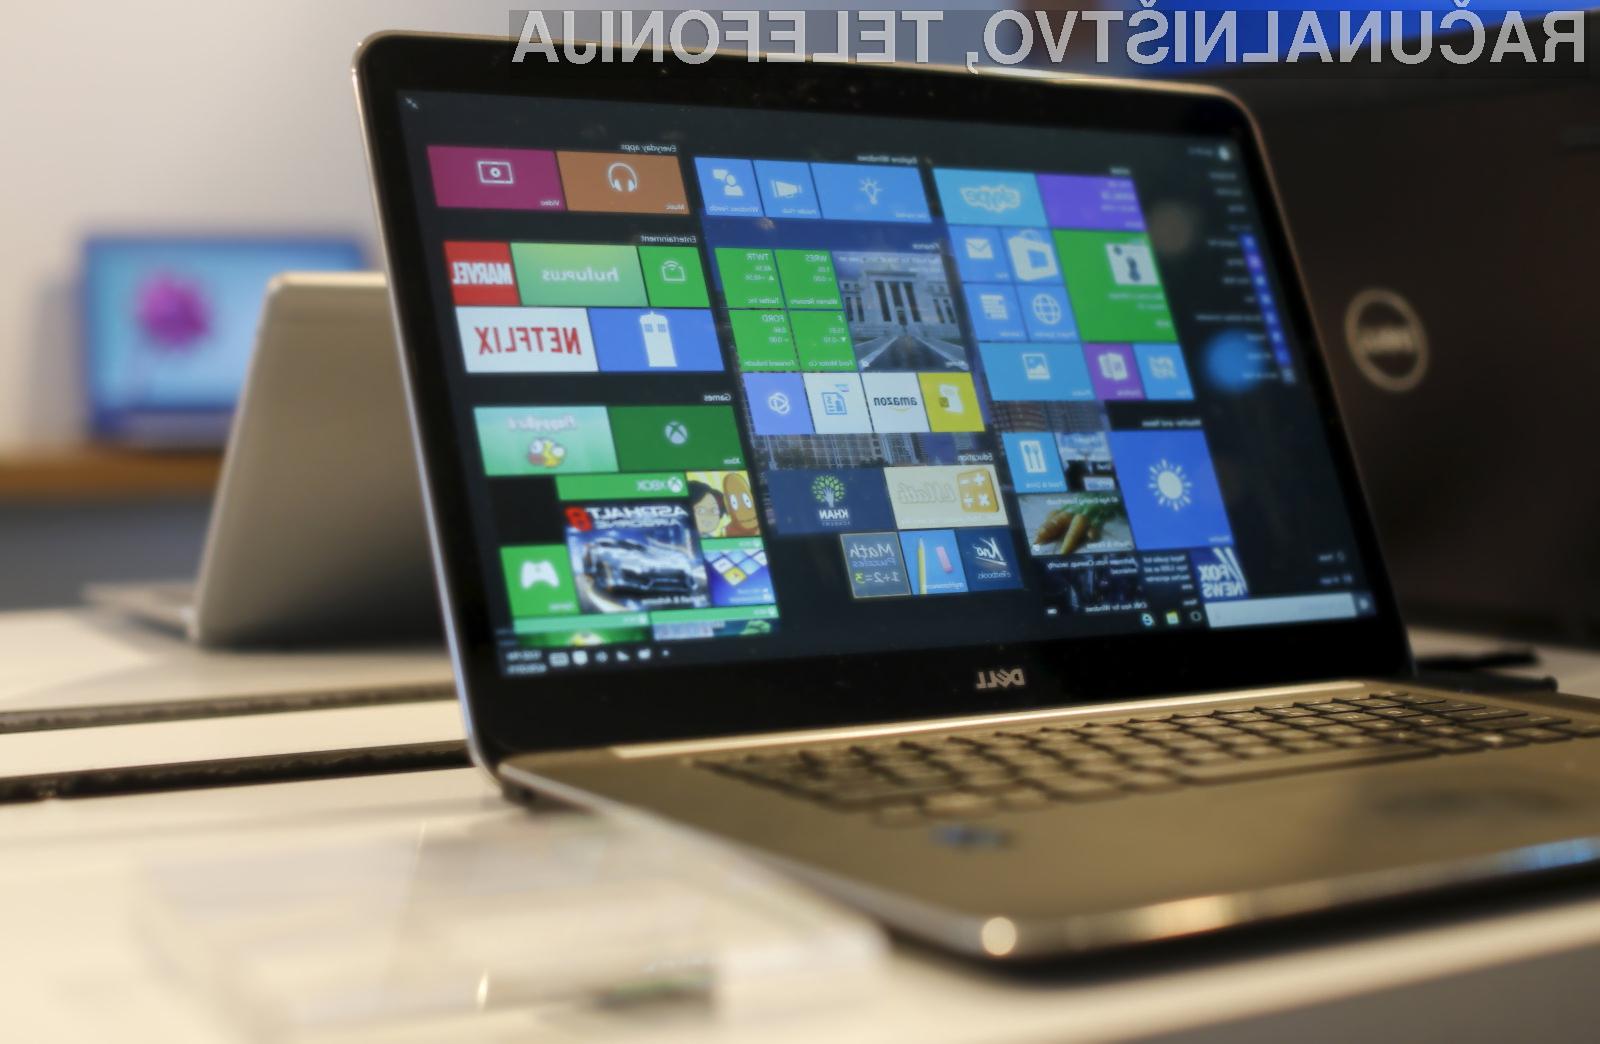 Čem prej posodobite vaš operacijski sistem Windows!